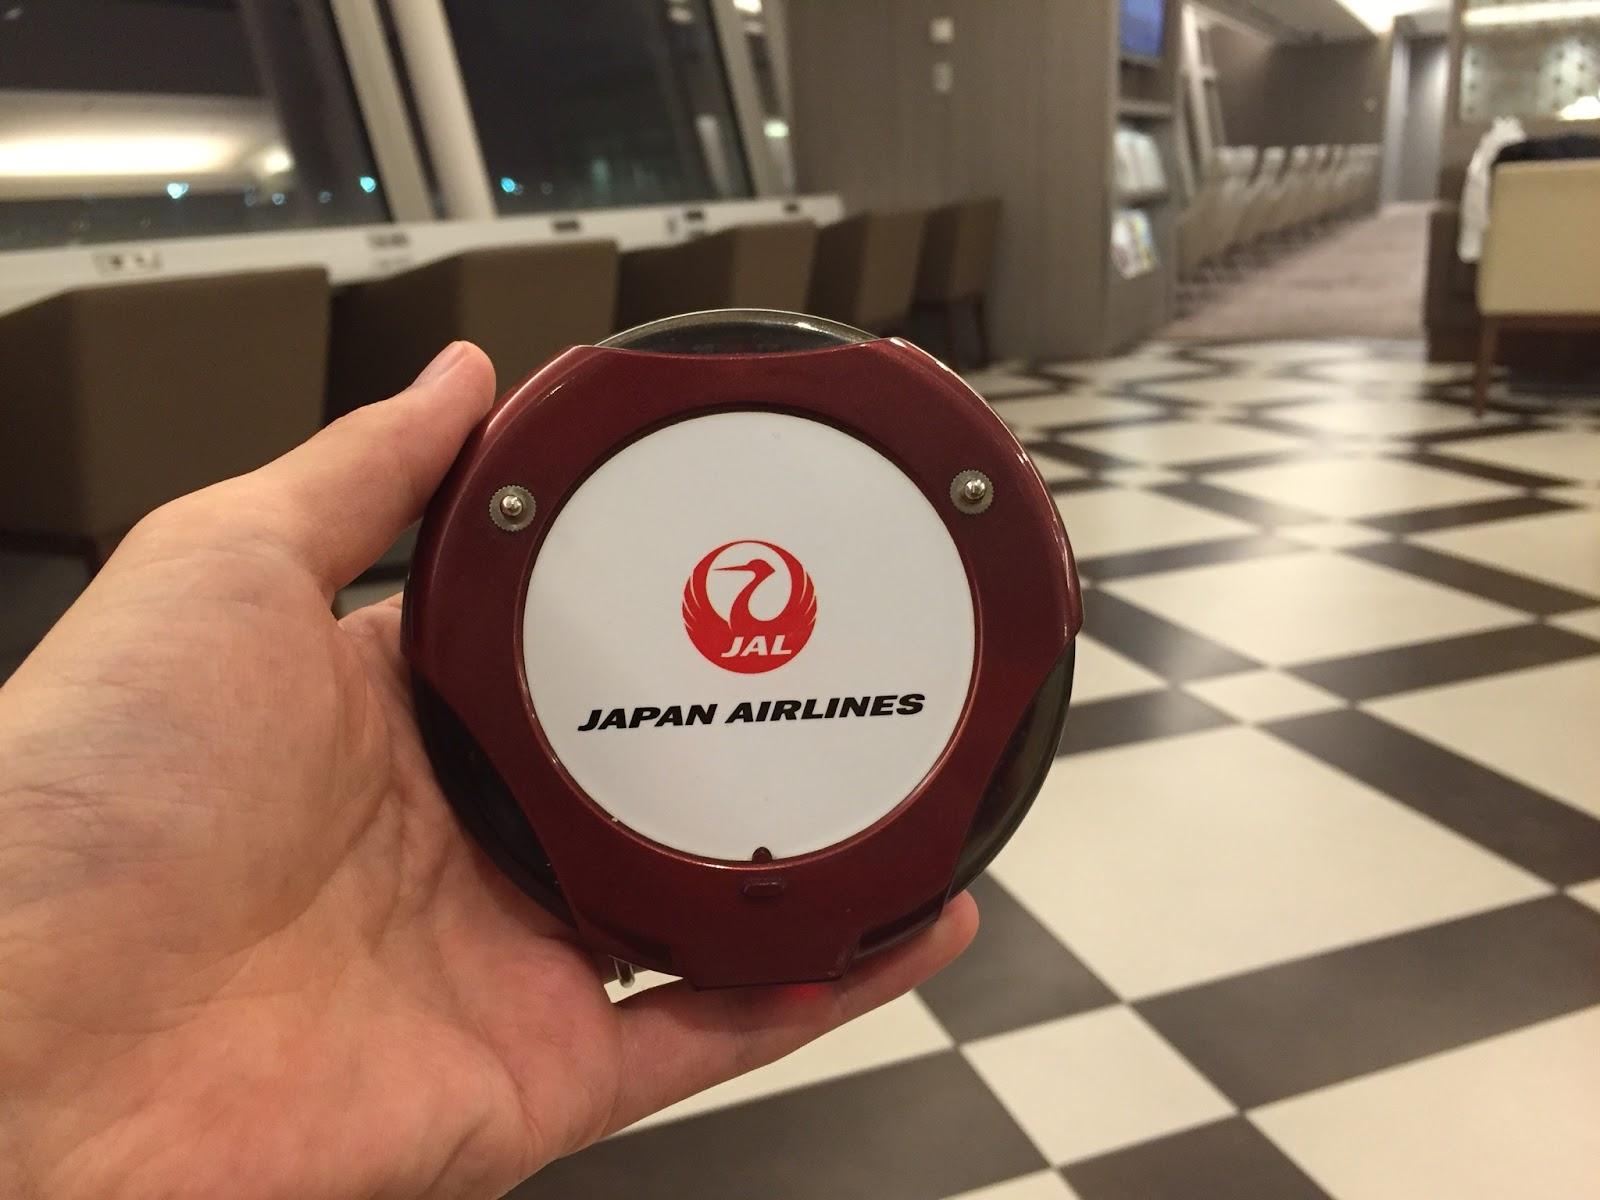 新メニュー「鉄板焼肉 上ミスジ」 羽田空港国際線JALファーストクラスラウンジの鉄板ダイニング | 2016-09-01 | マイル修行:JAL・JGCの旅